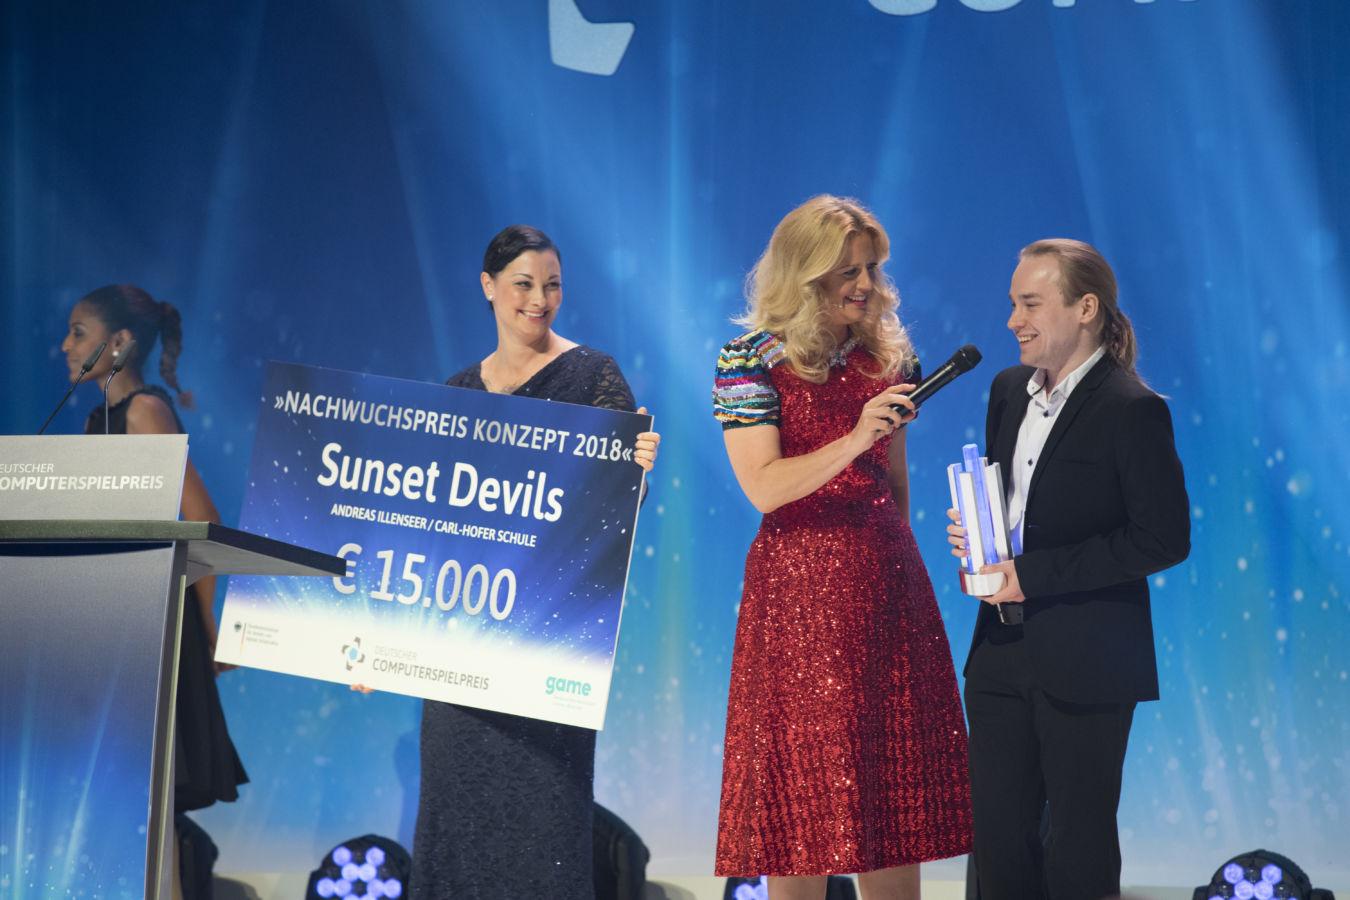 """Der Preis für das Beste Konzept ging an Andreas Illenseer für seine """"Sunset Devils""""."""